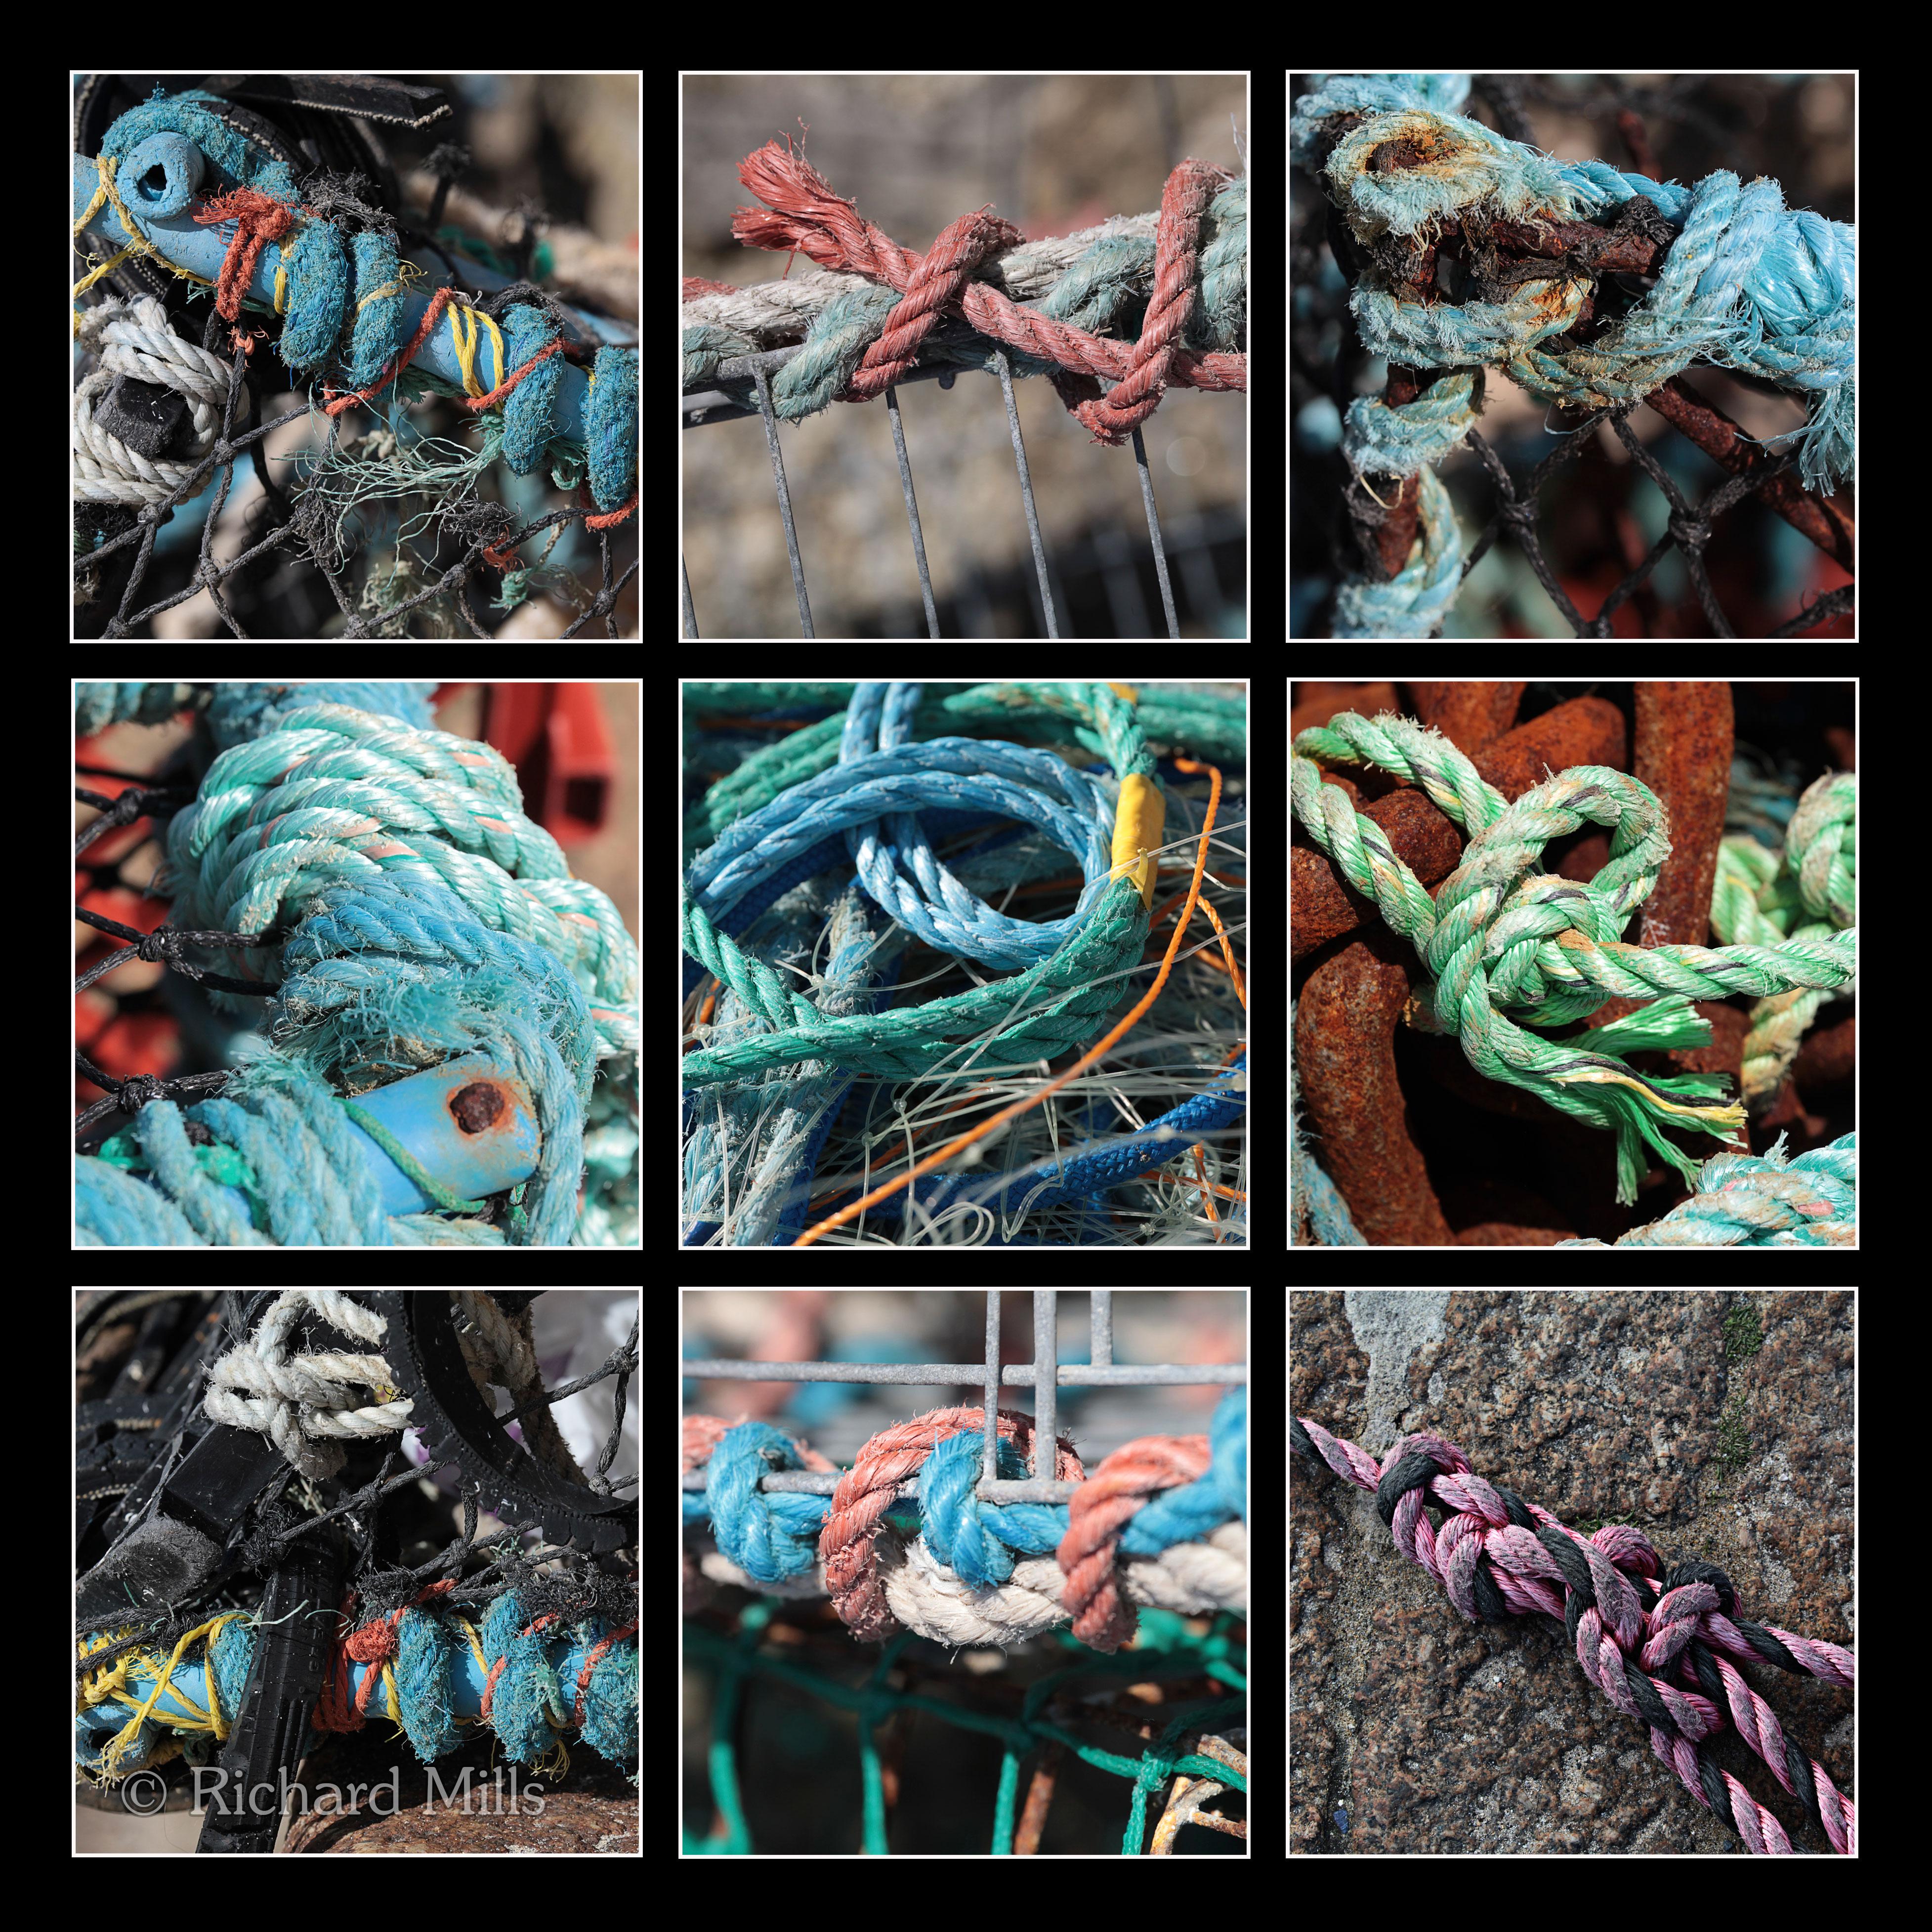 Ropes & Nets